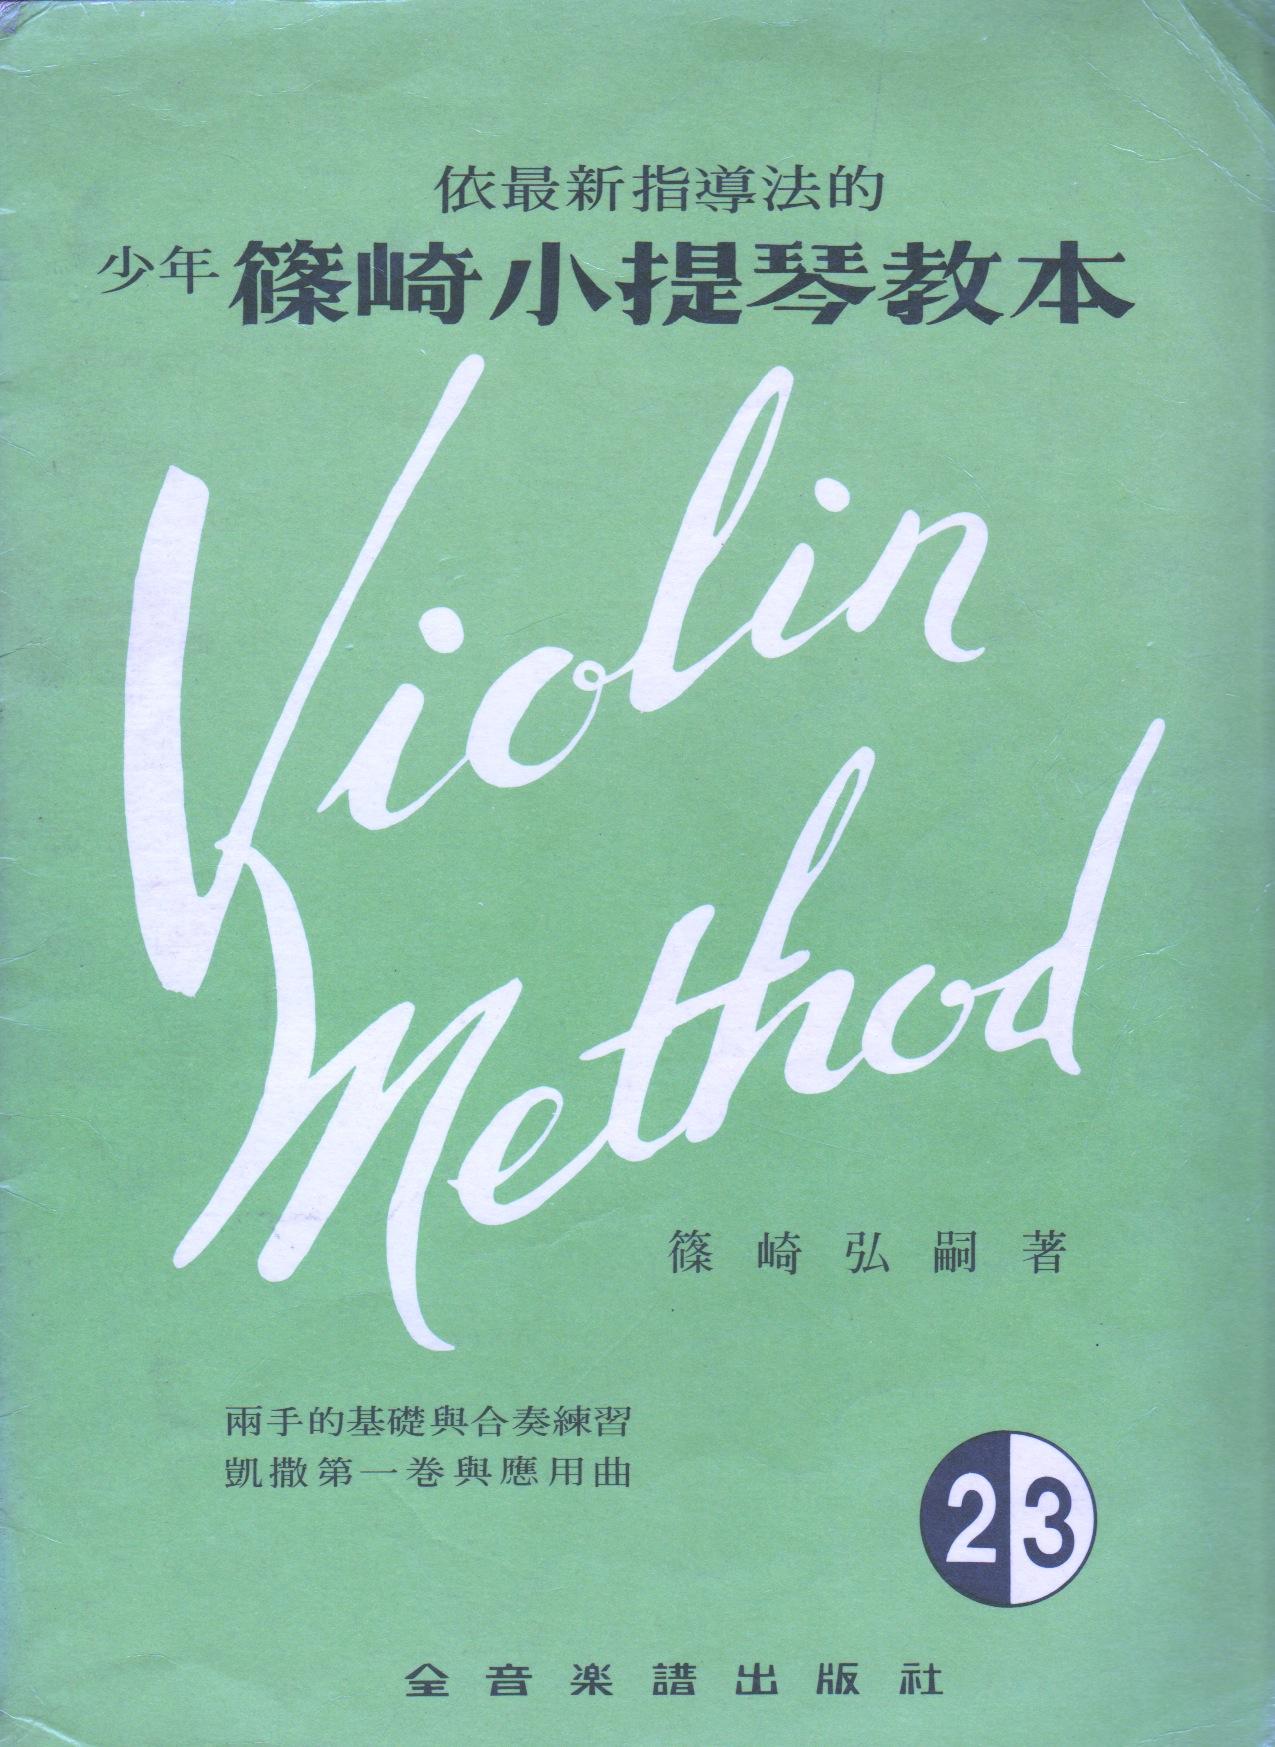 篠崎小提琴教本 2.3卷合本